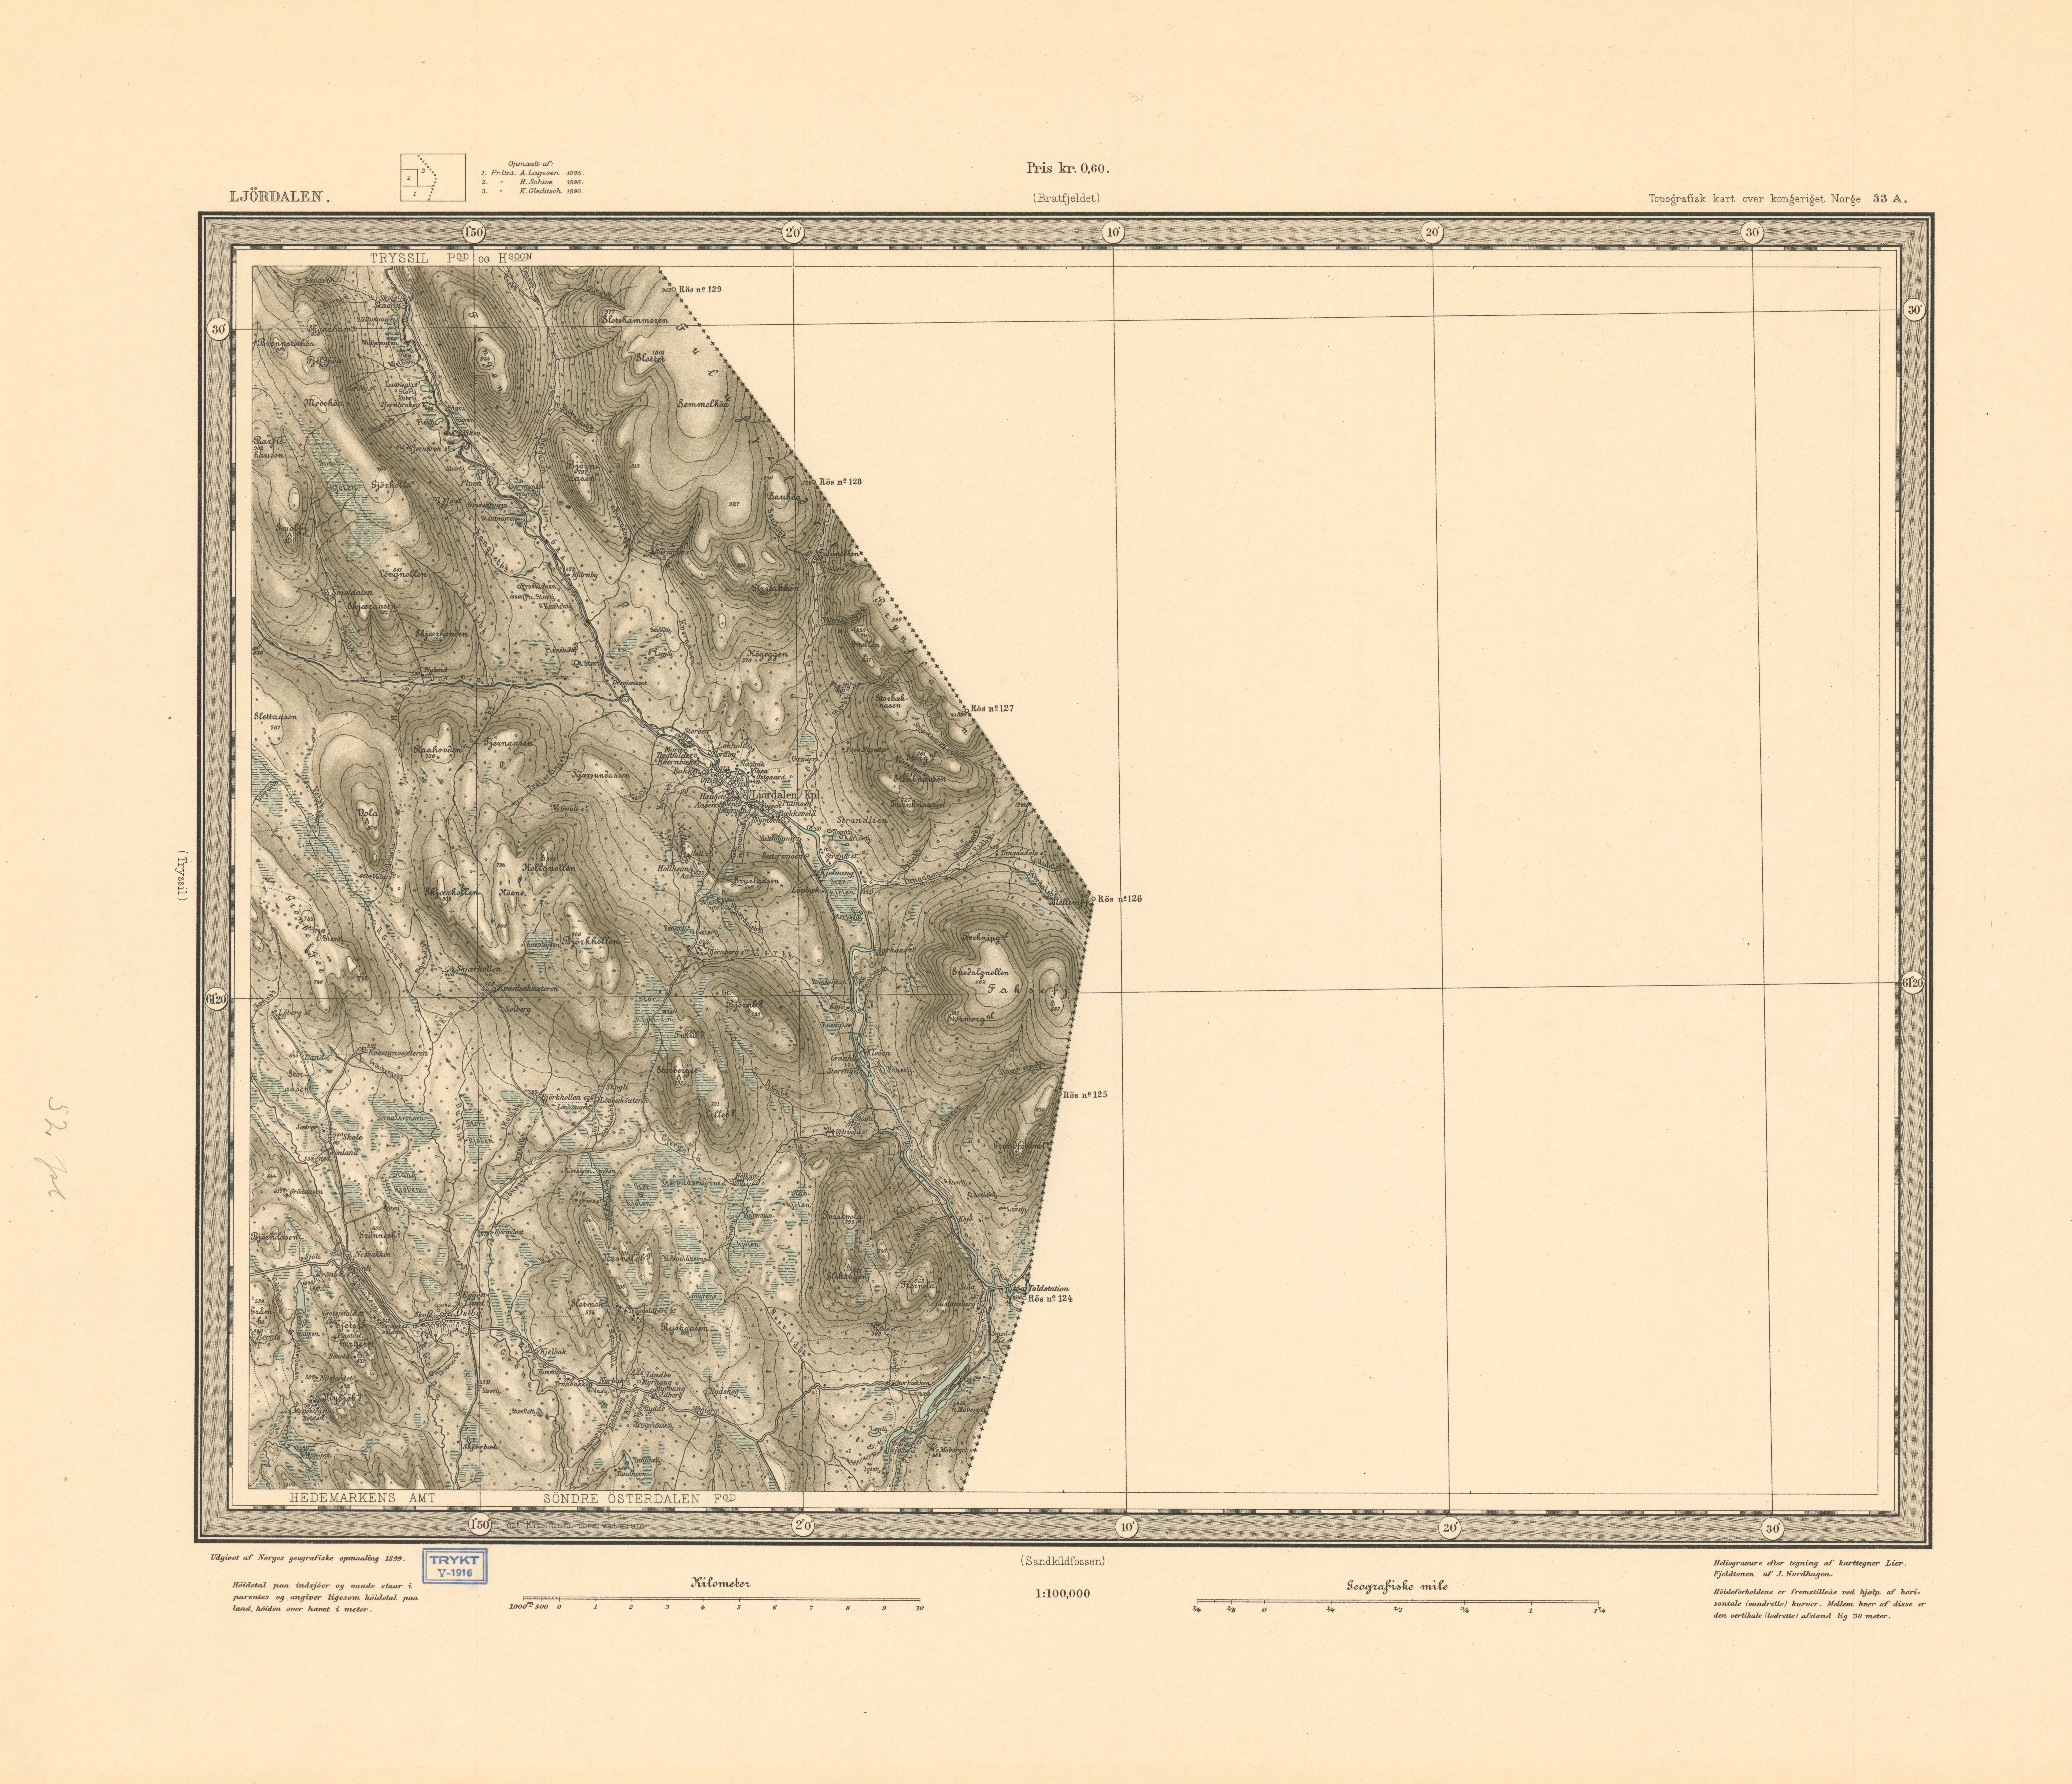 ljørdalen kart File:Rektangelkart Ljørdalen 33A, 1899   2.   Wikimedia Commons ljørdalen kart